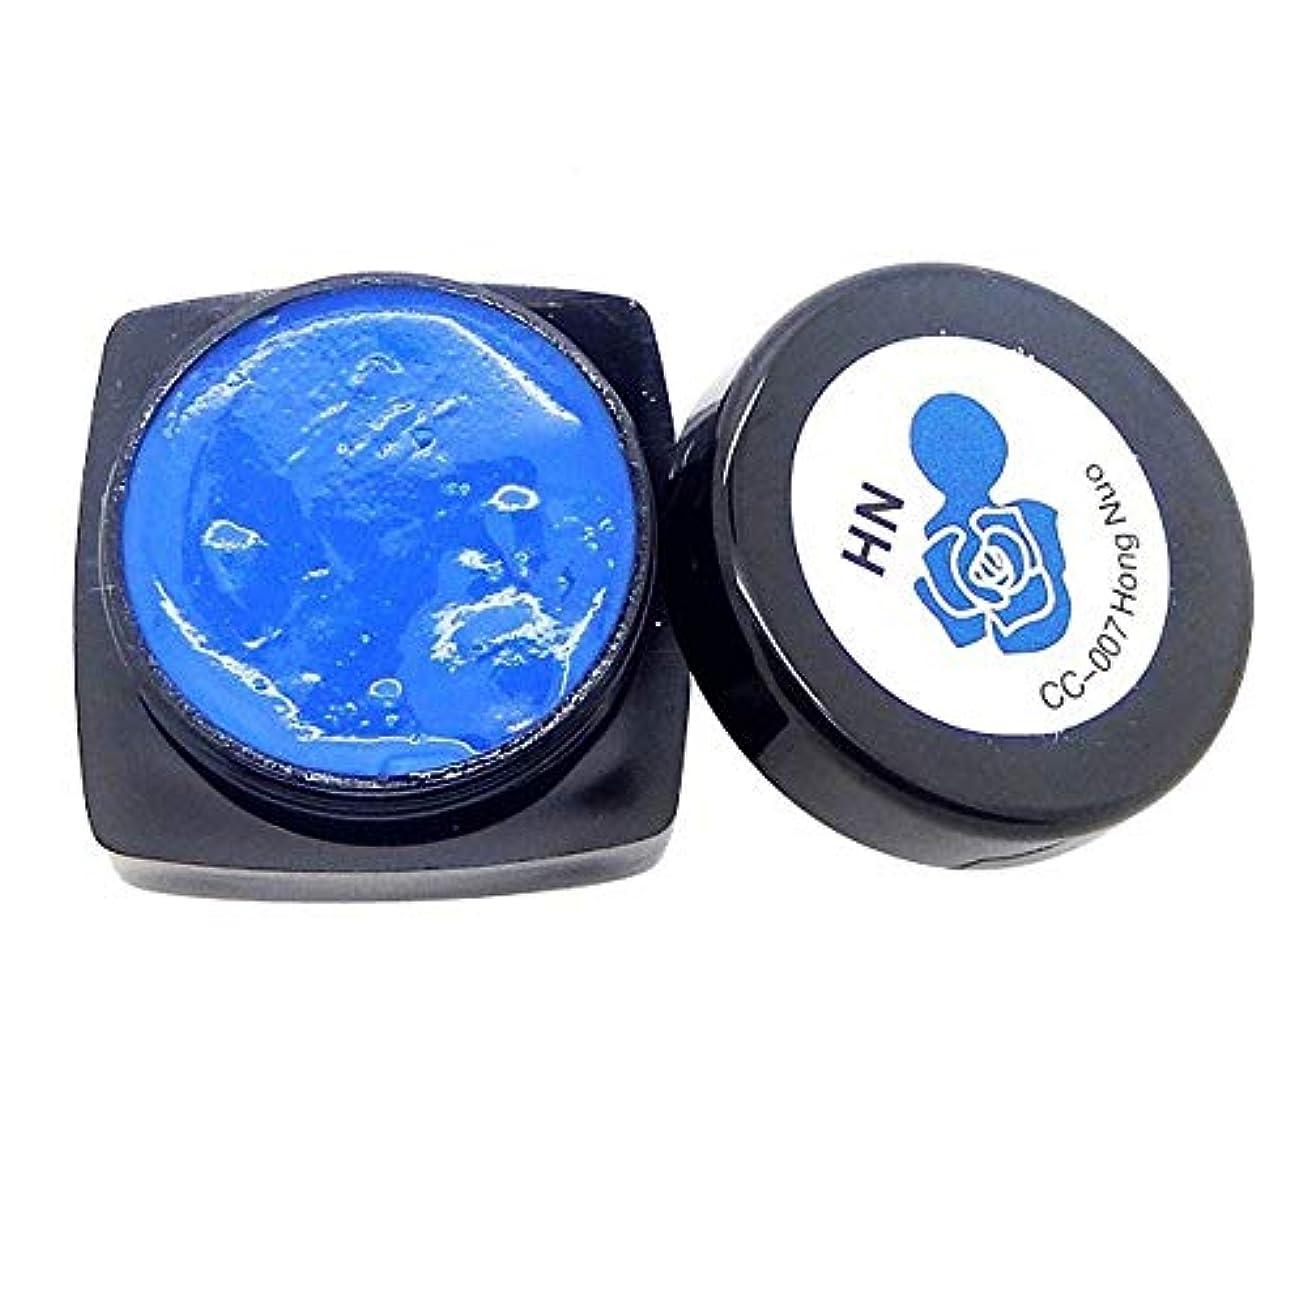 悪魔キャッチパーティションLazayyii 3D UV彫刻 マニキュアデコレーション ジェルカラーネイルアートチップクリエイティブ (G)